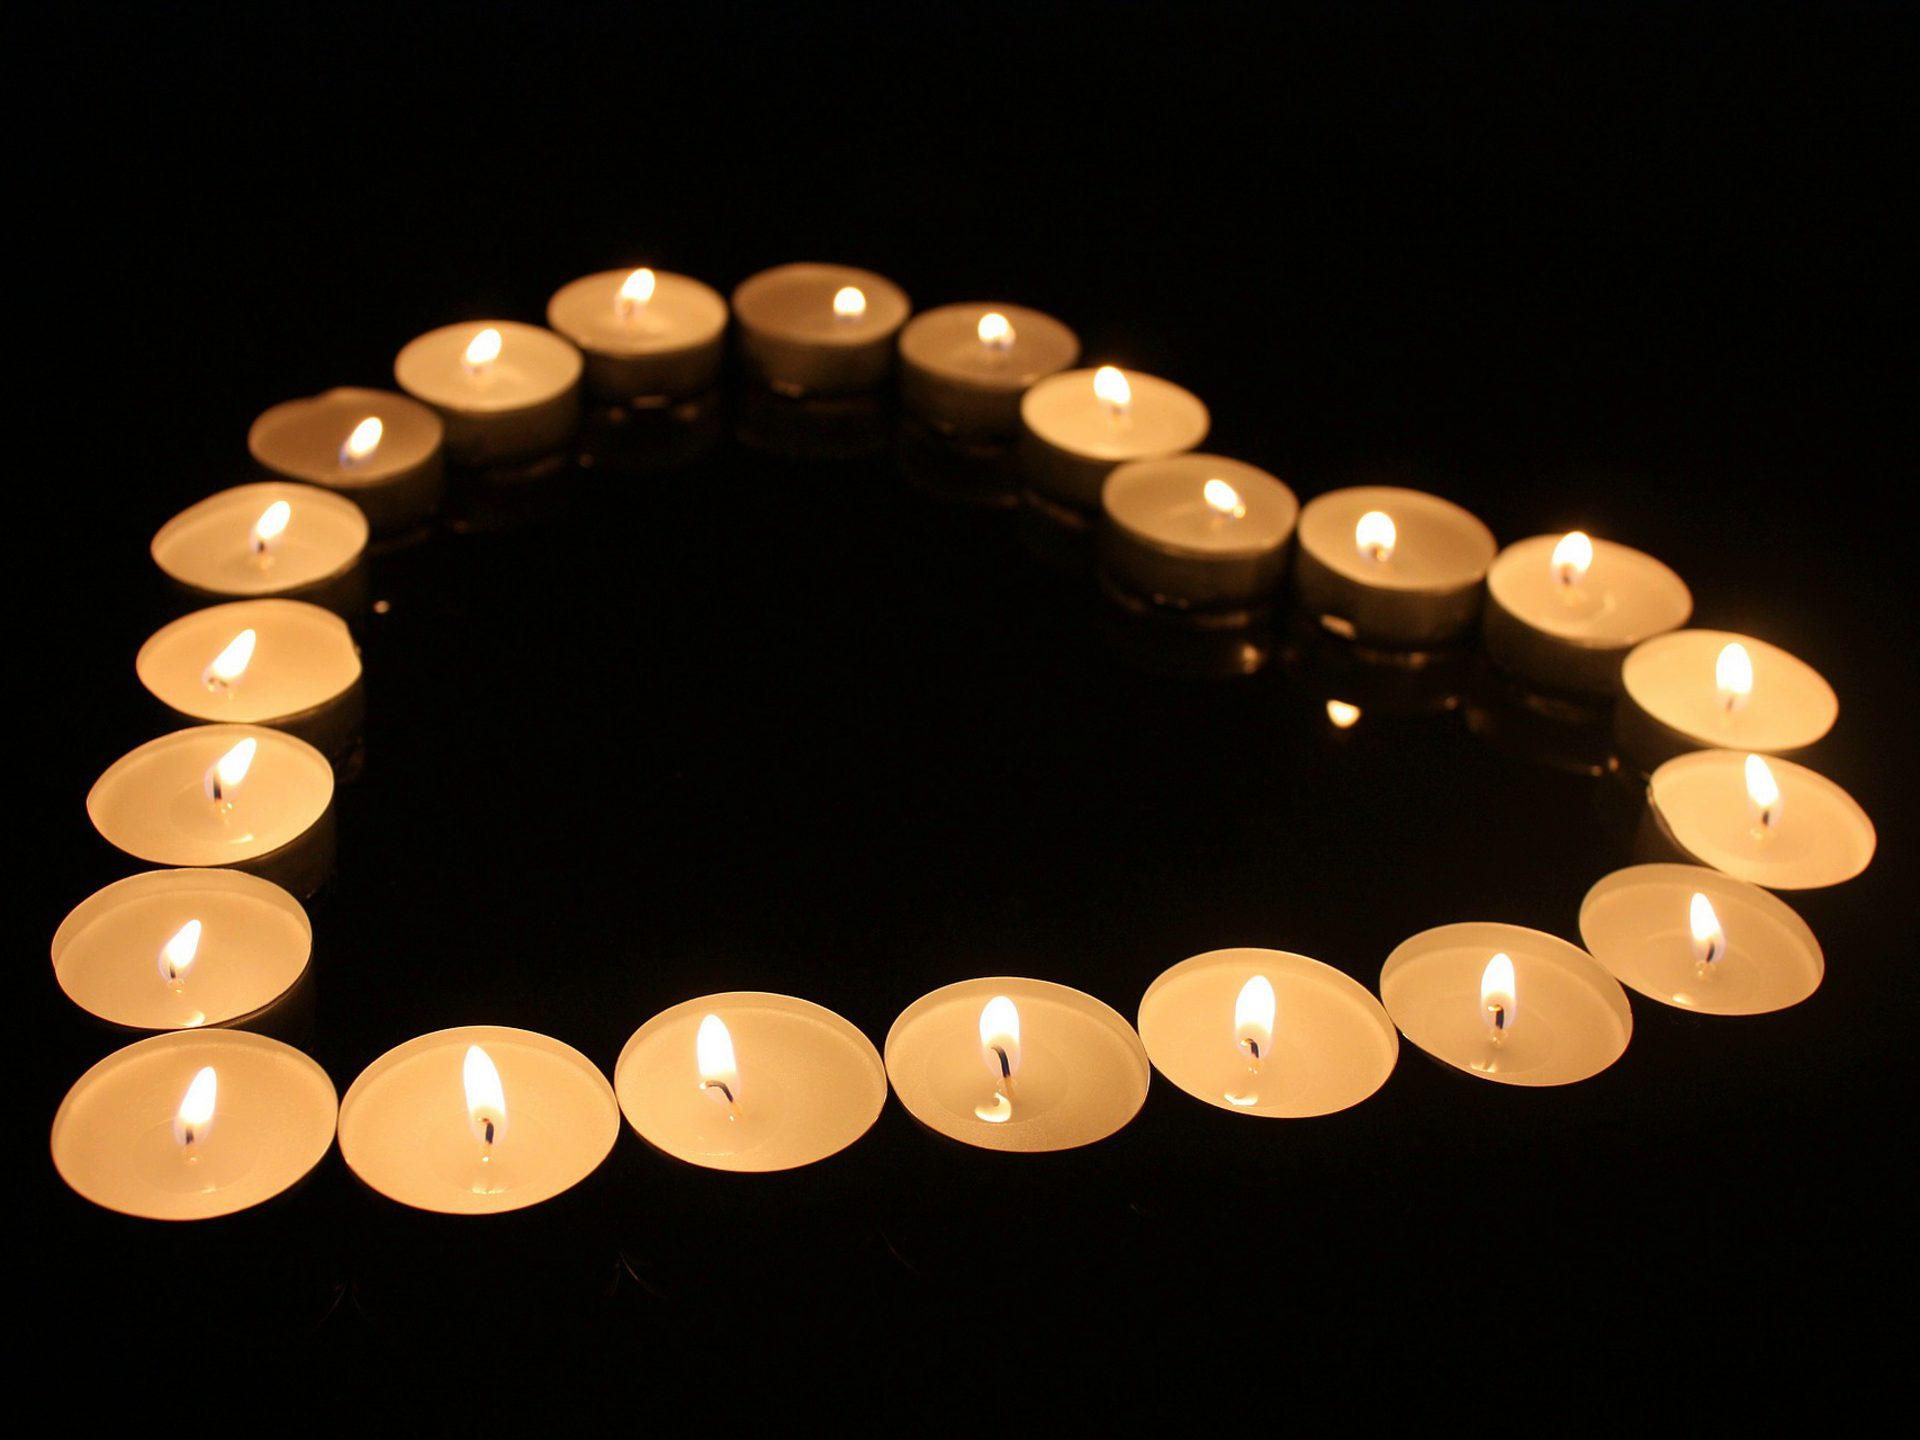 Herdinkingsavond 'Lichtjes in het donker'